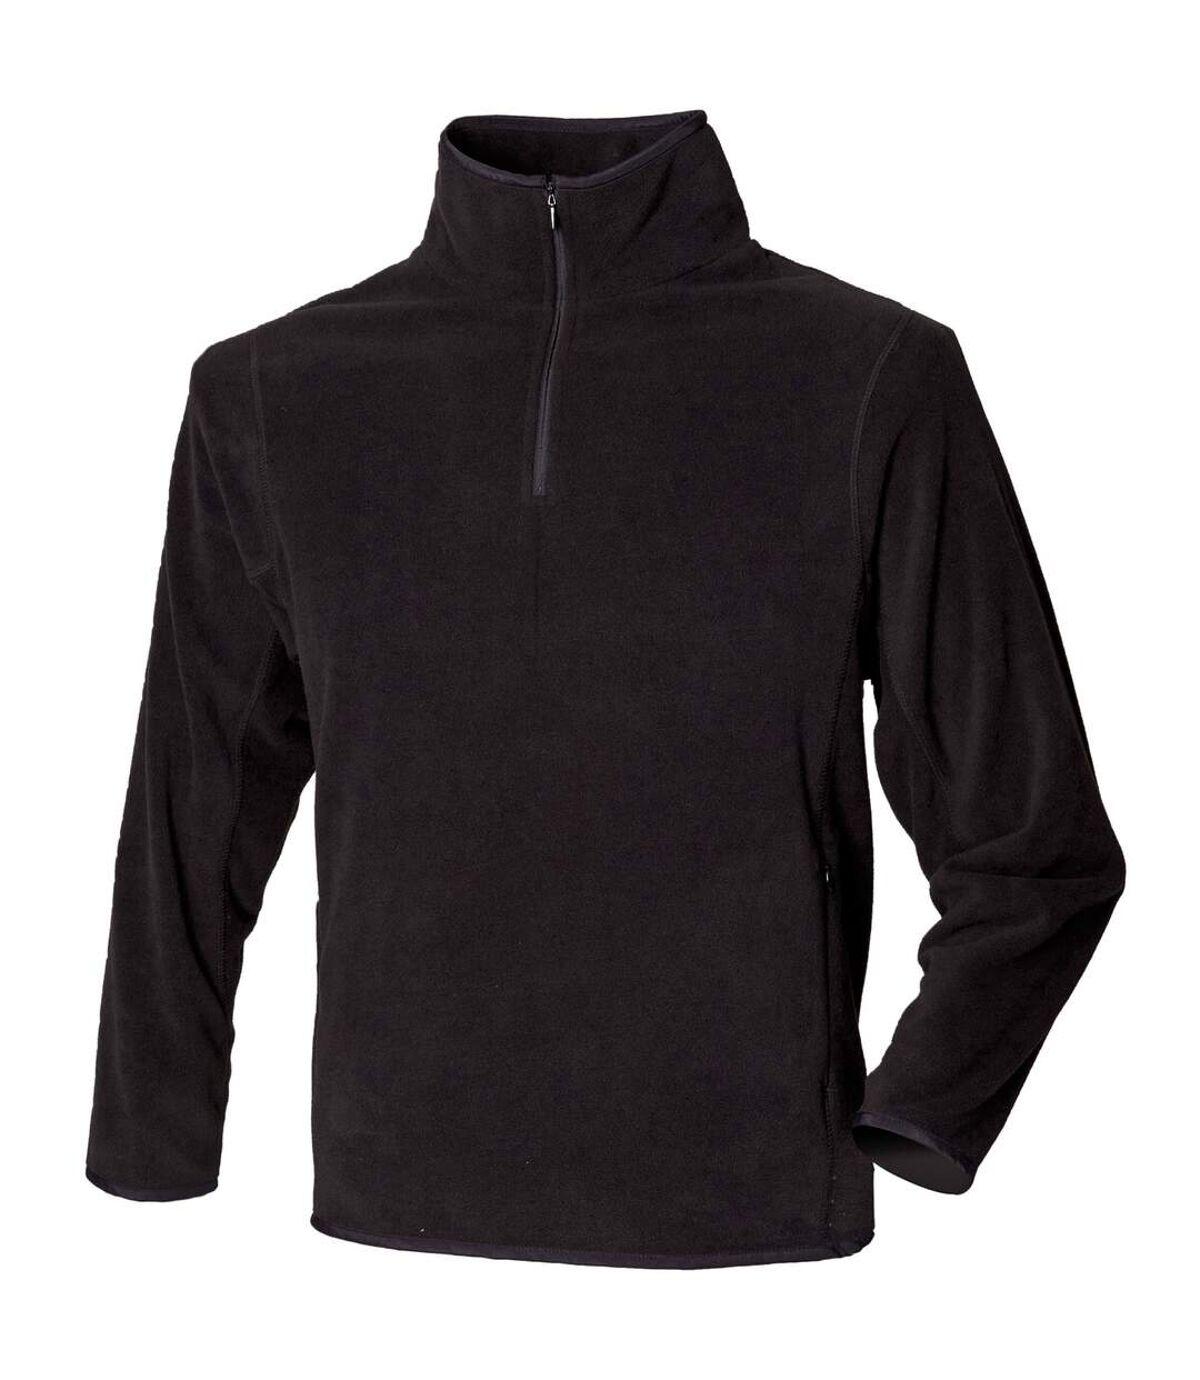 Henbury - Haut polaire à fermeture zippée - Homme (Noir) - UTRW680